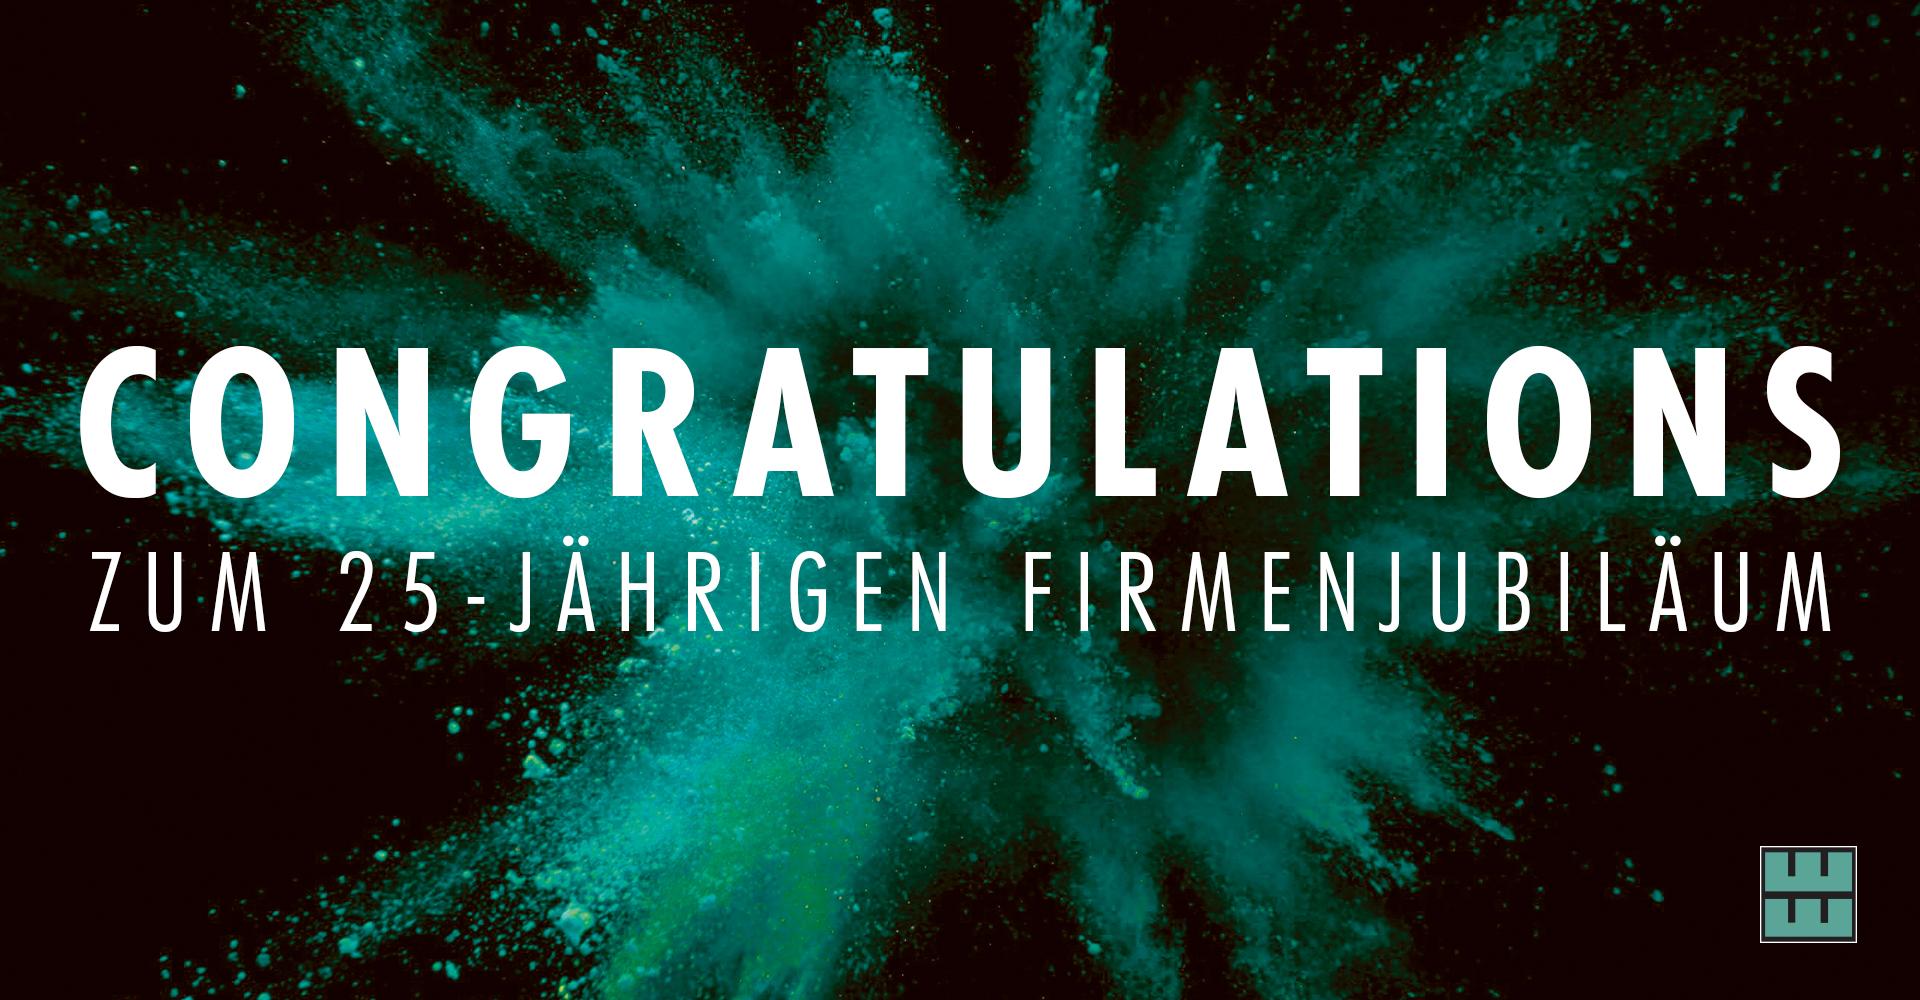 Am 27.02.2021 feierte einer unserer Kunden, der Garten- und Landschaftsbau Falko Werner aus Eime, sein 25-jähriges Firmenjubiläum. Wir gratulieren auf diesem Weg ganz herzlich!